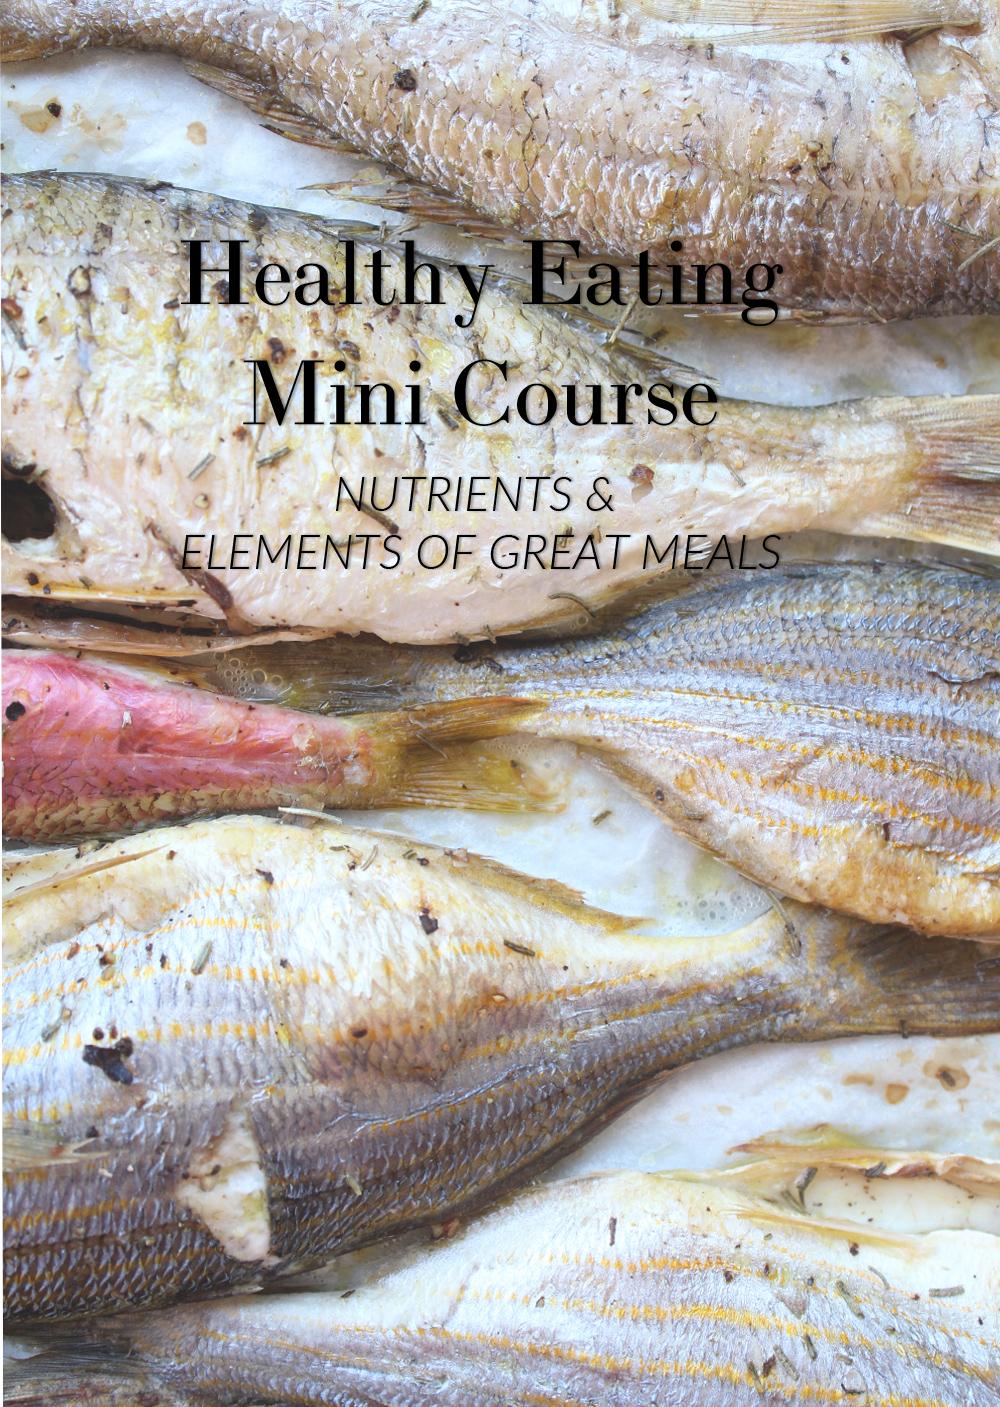 Μίνι μάθημα υγιεινής διατροφής: μέρος 02, τα θρεπτικά συστατικά ενός τέλειου γεύματος | από το In Whirl of Inspiration